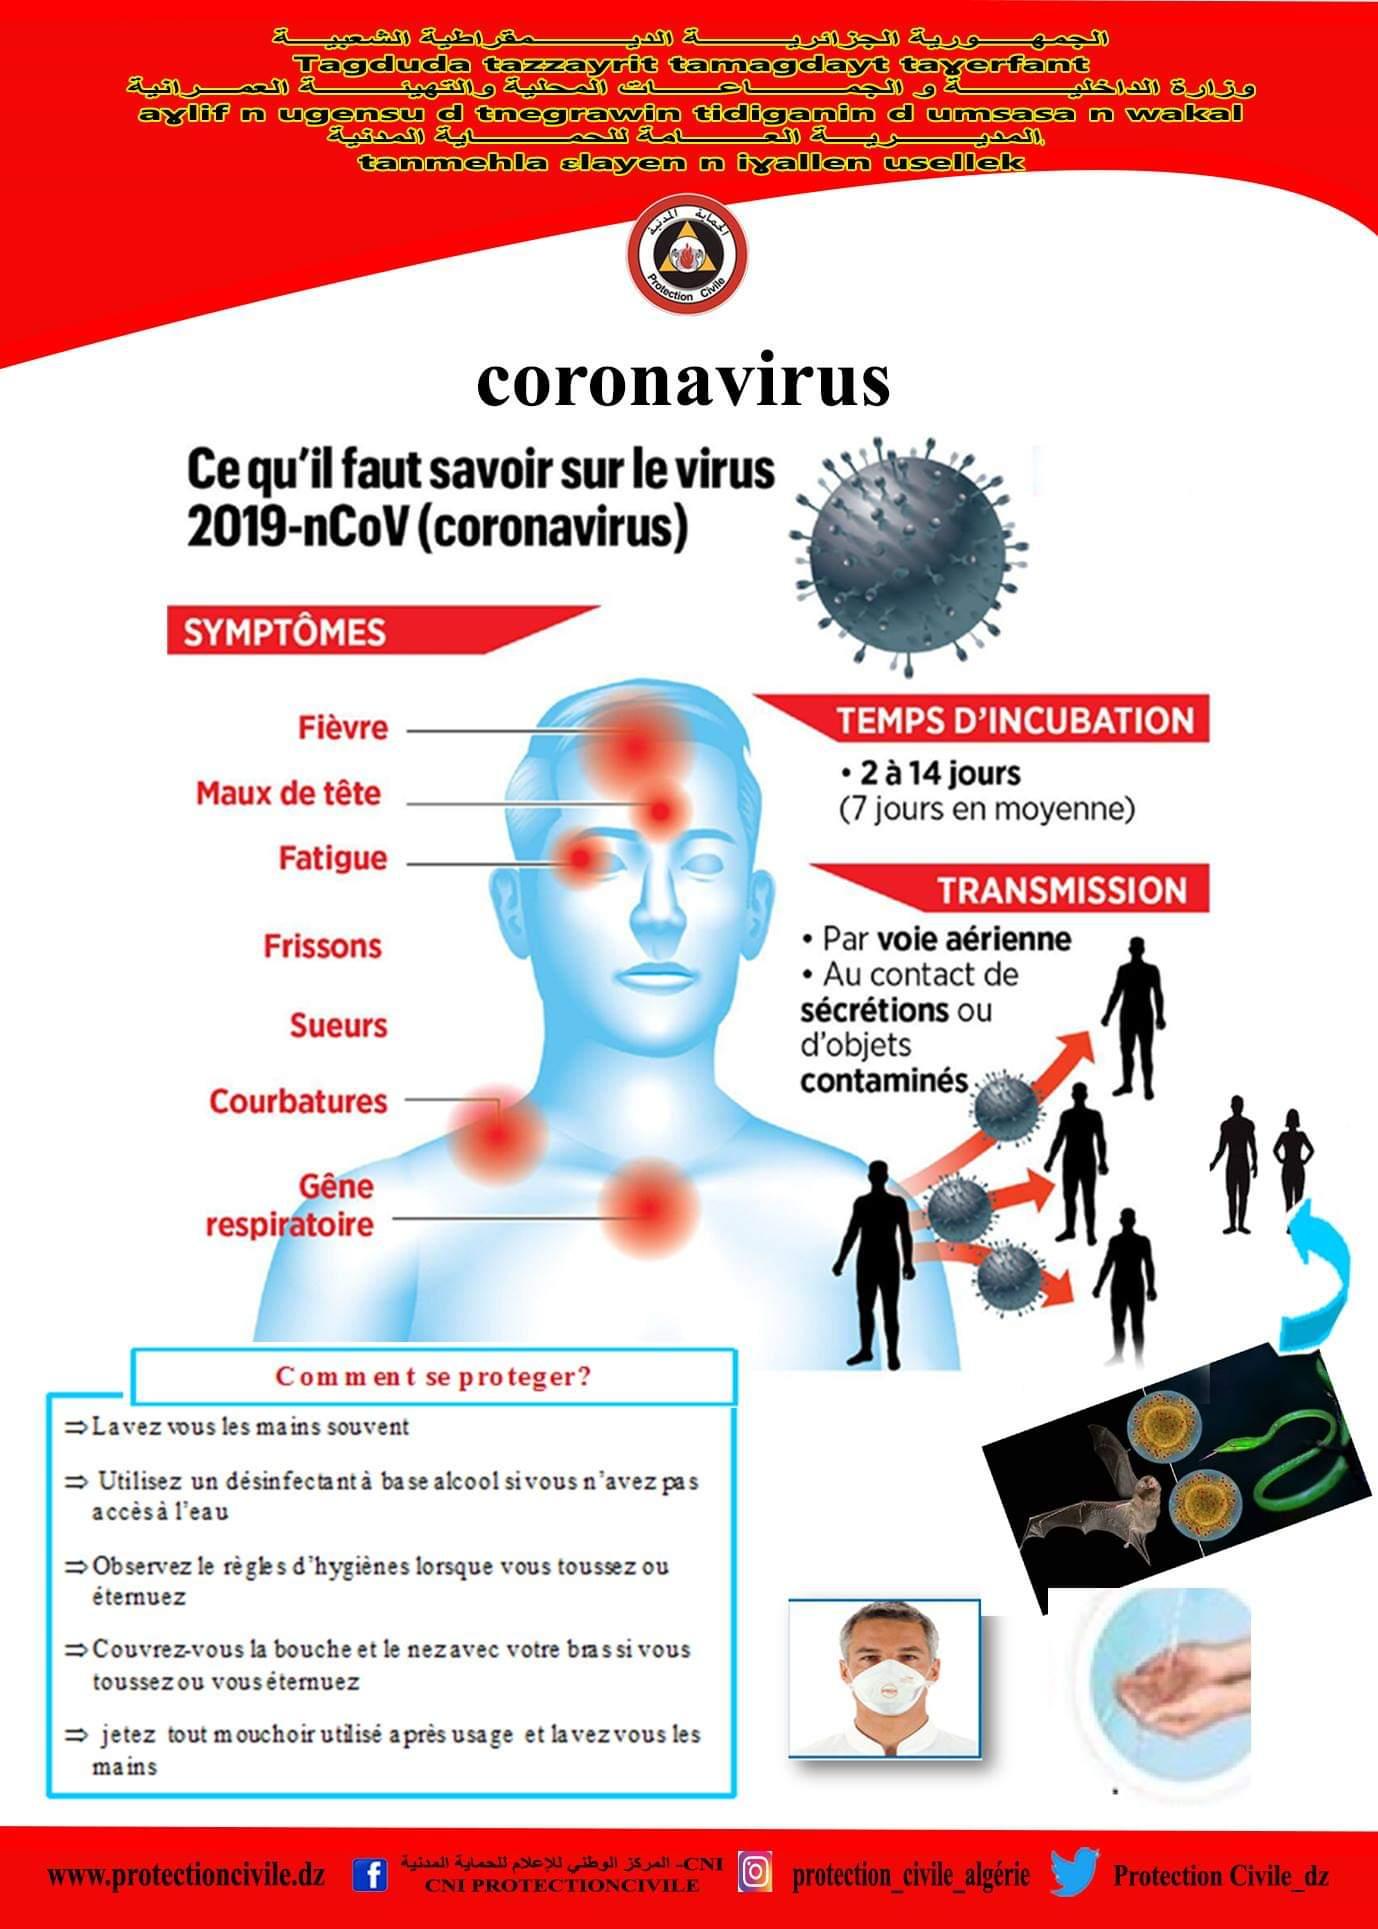 Coronavirus, la transmission se produit même après la fin des symptômes